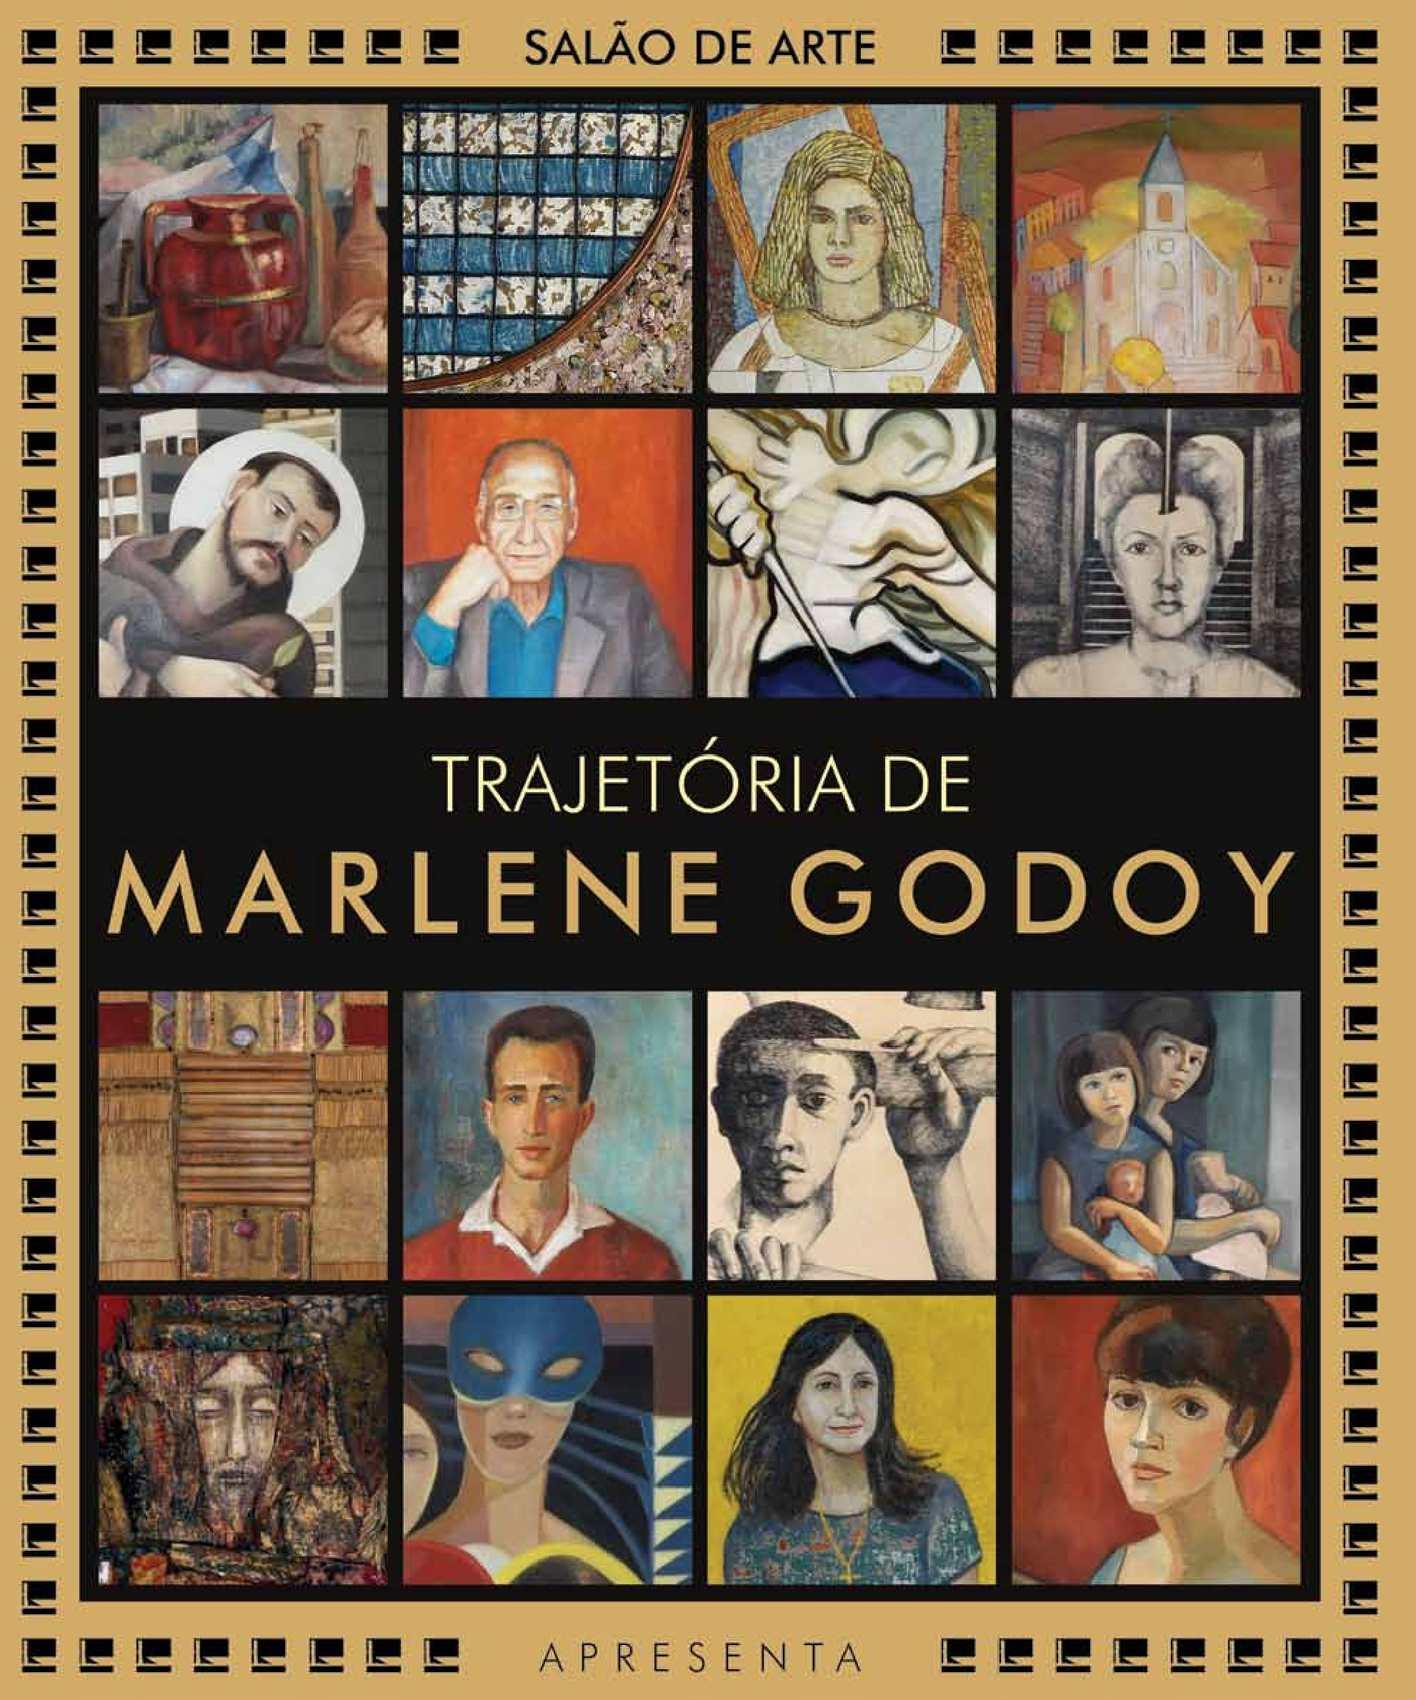 Trajetória de Marlene Godoy